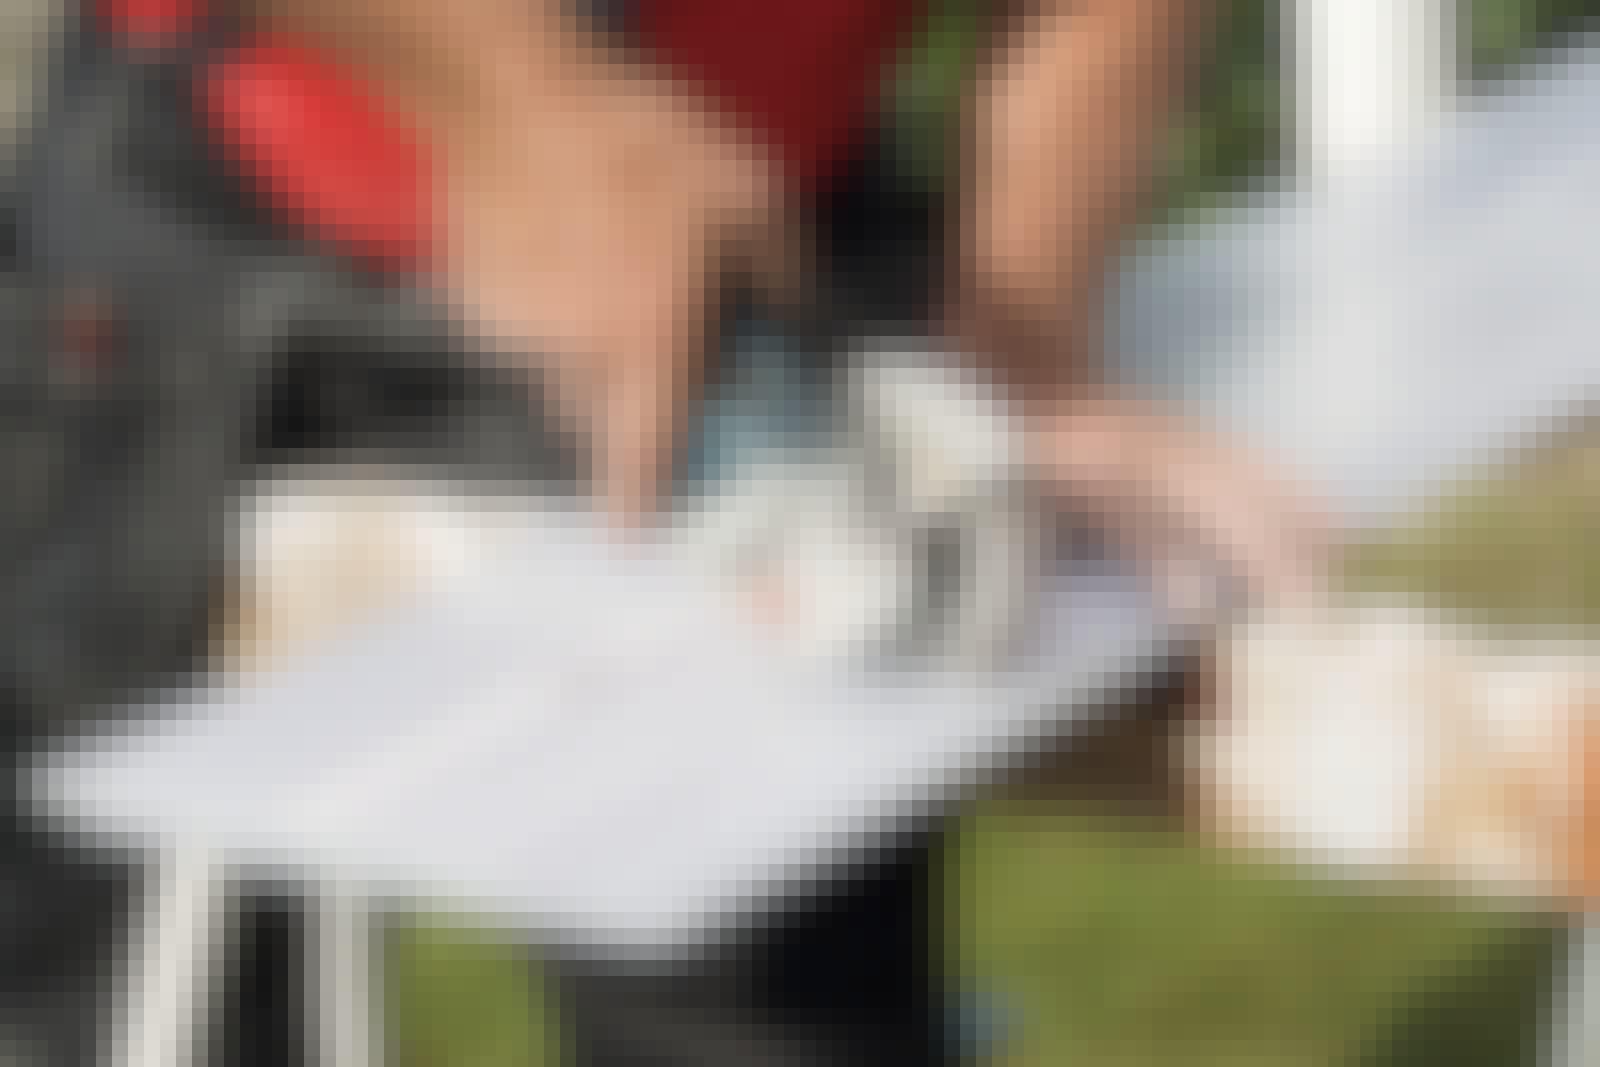 Sådan bruges plastplader: Plastplader er drilske at save i. Derfor gælder det om at vælge det rette værktøj: en stiksav med en klinge til PVC eller en vinkelsliber med metalskive.